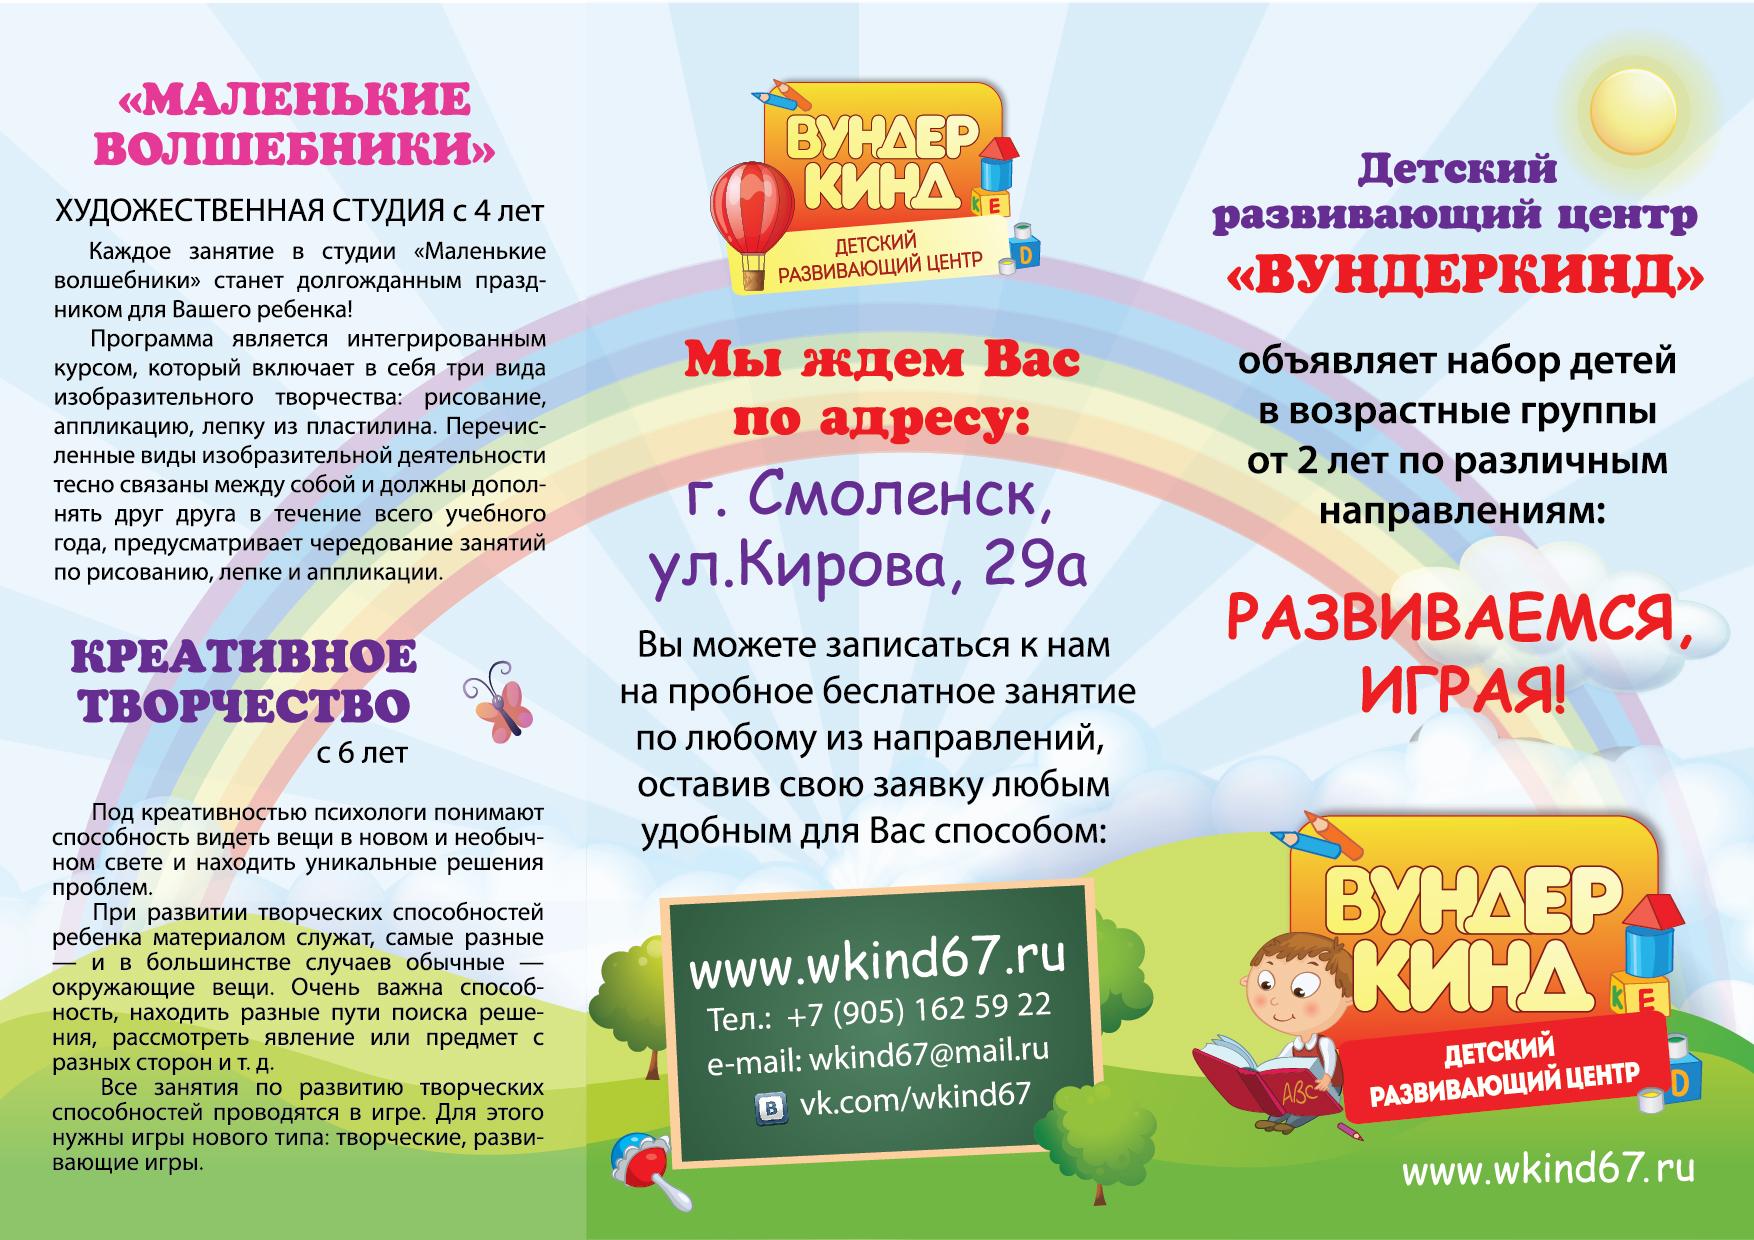 информационный буклет о правильном питании и витаминах